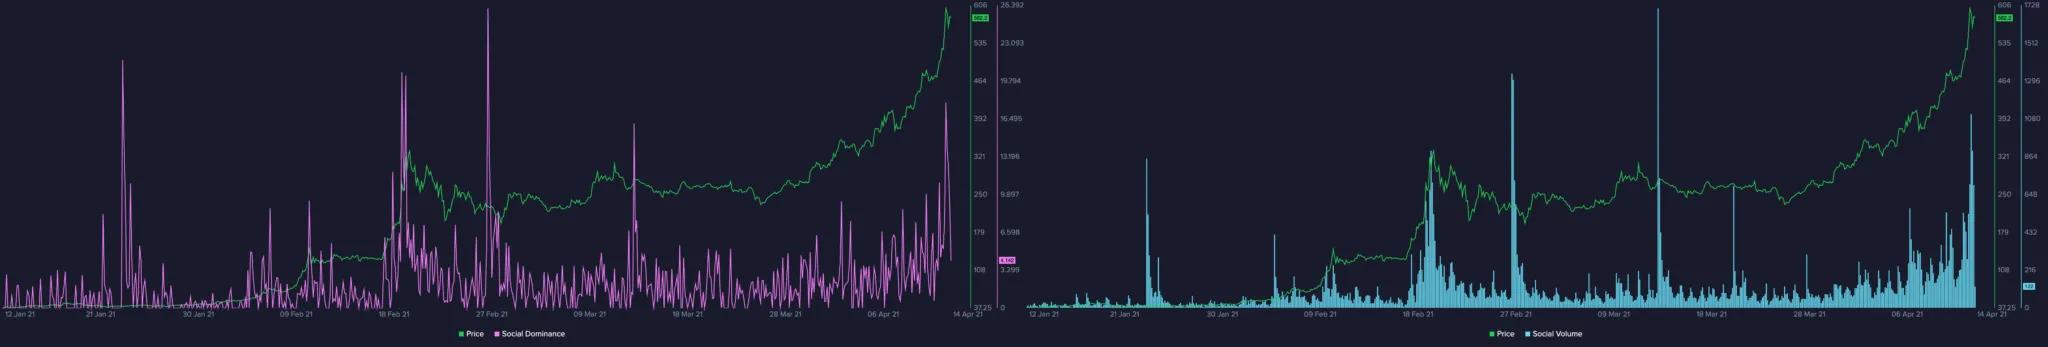 оффчейн-графики BNB